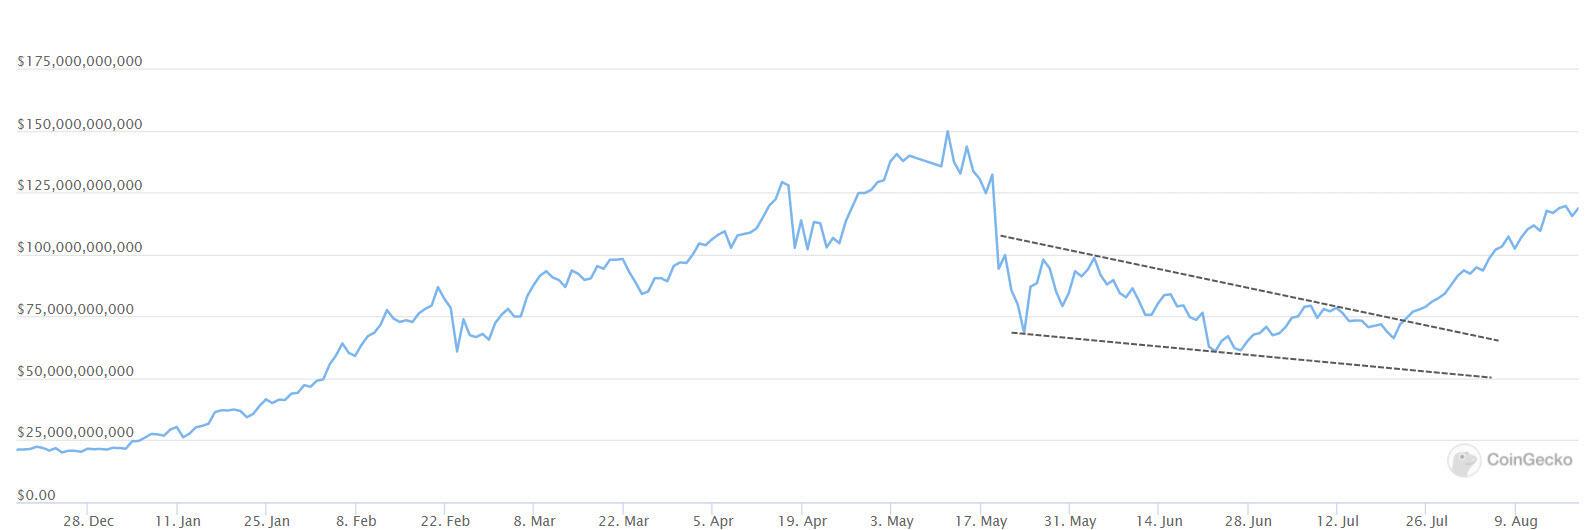 DeFi market capitalization - CoinGecko